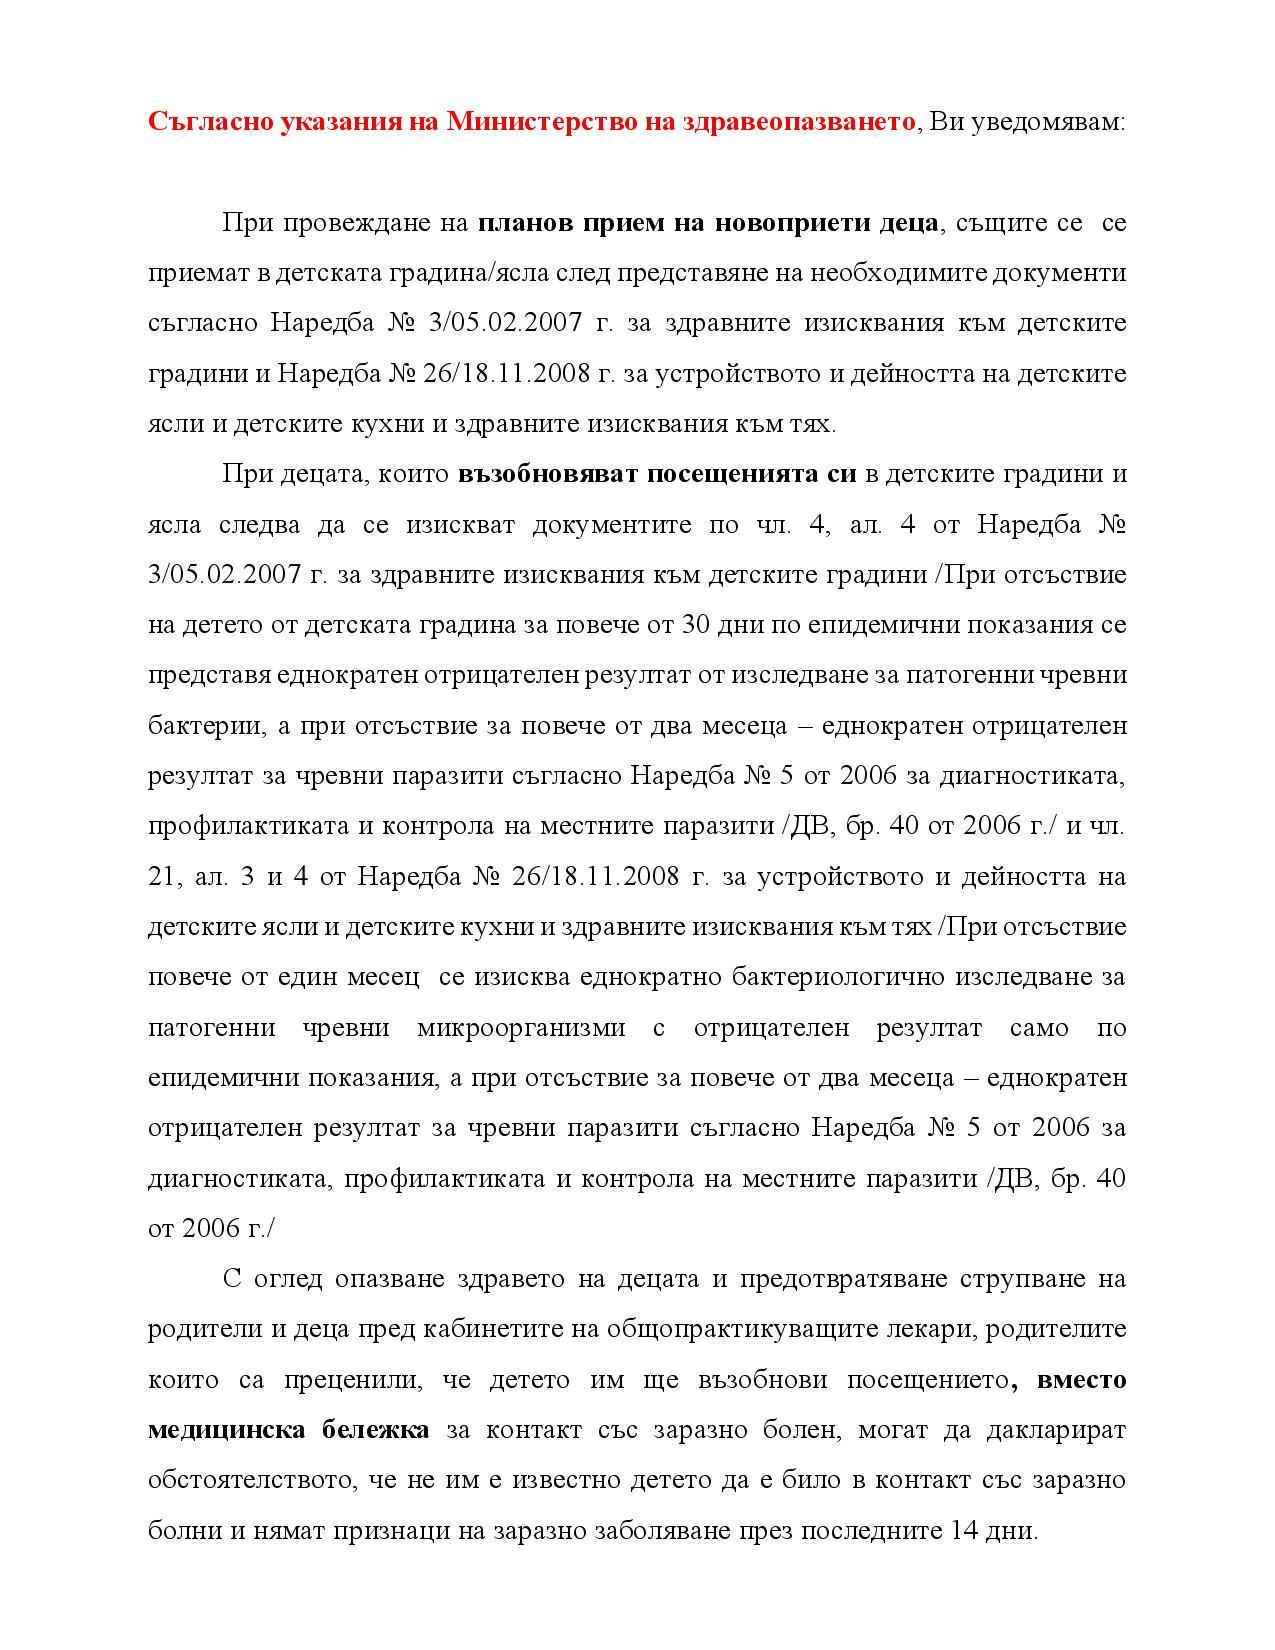 Указания на Министерството на здравеопазването